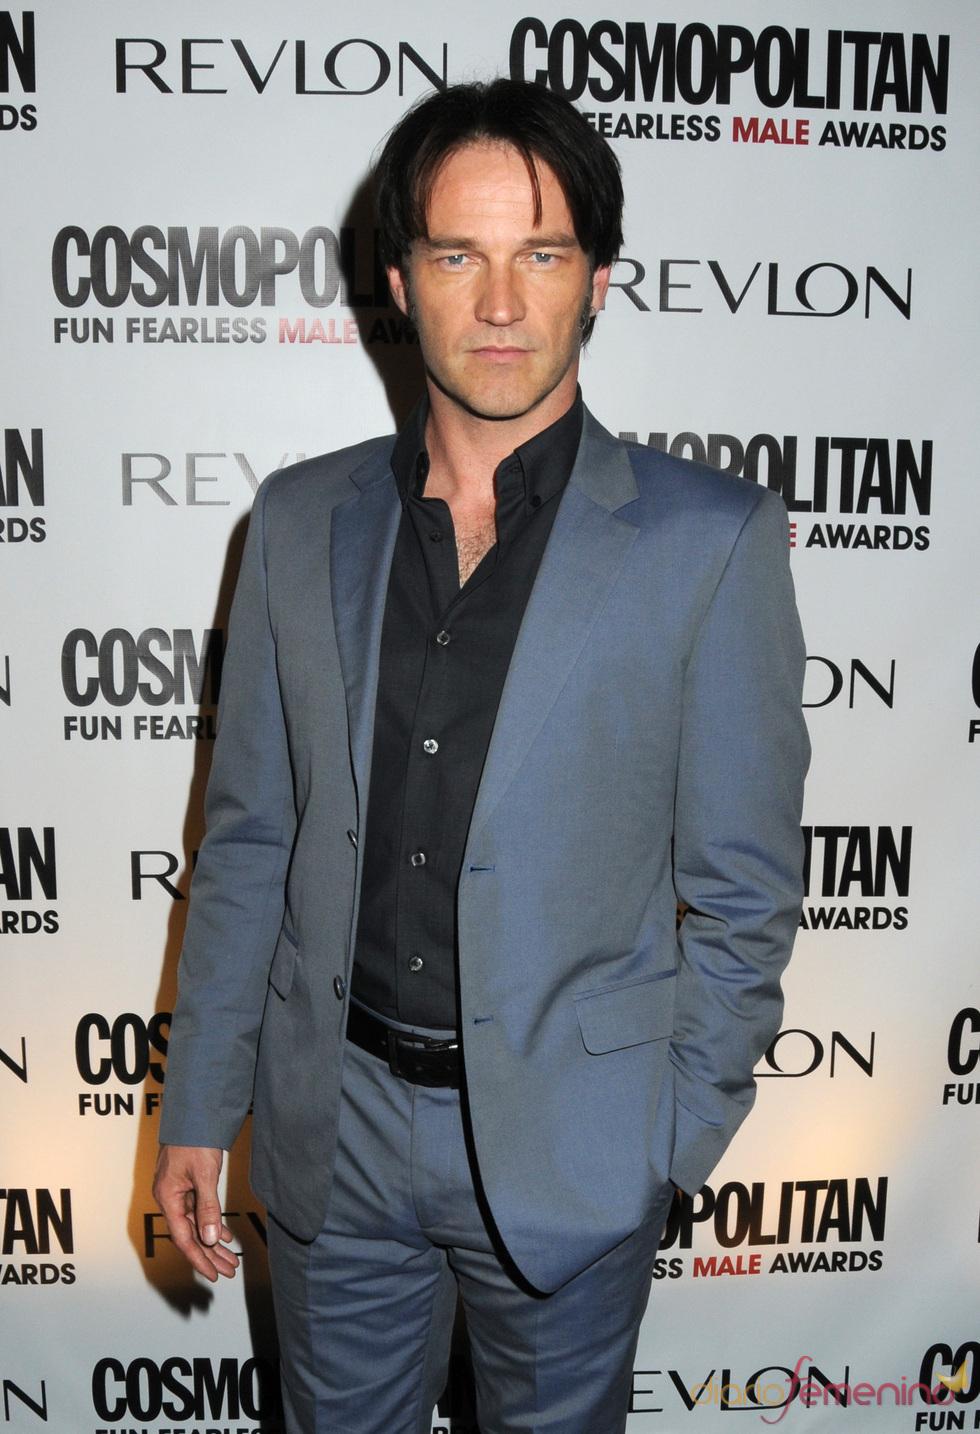 Stephen Moyer en los Premios Cosmo 2010